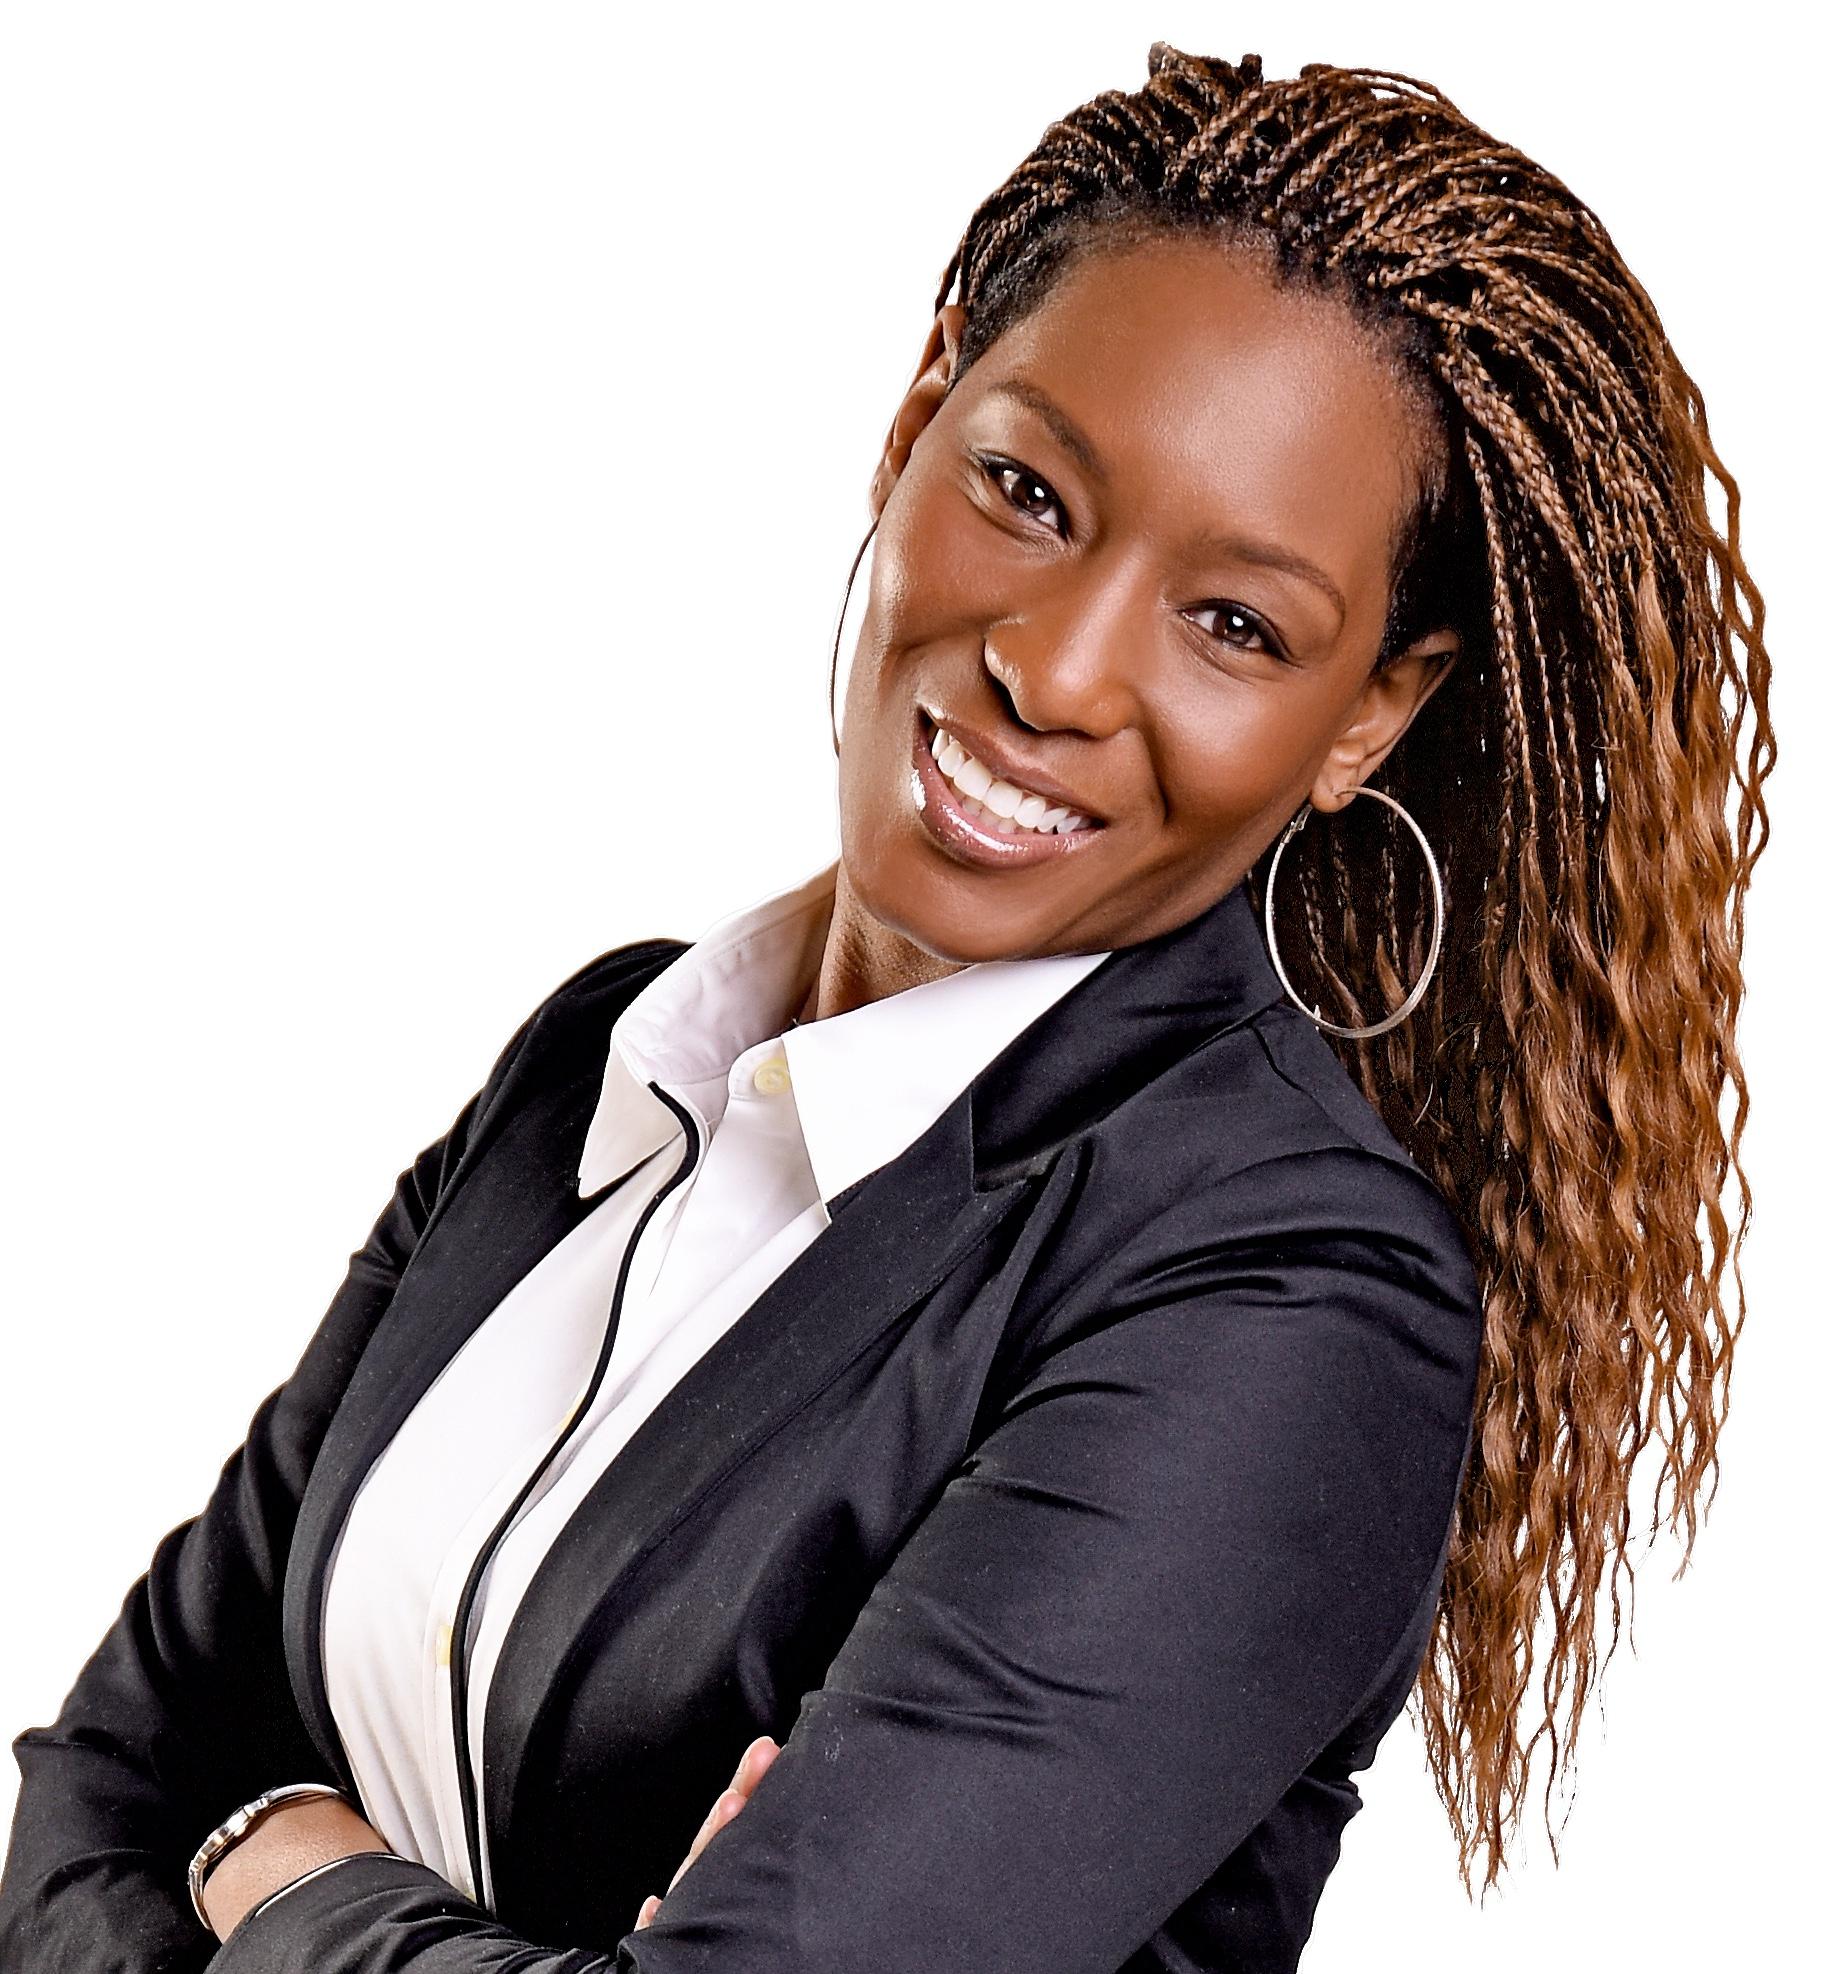 Risha Grant, Focus 2021